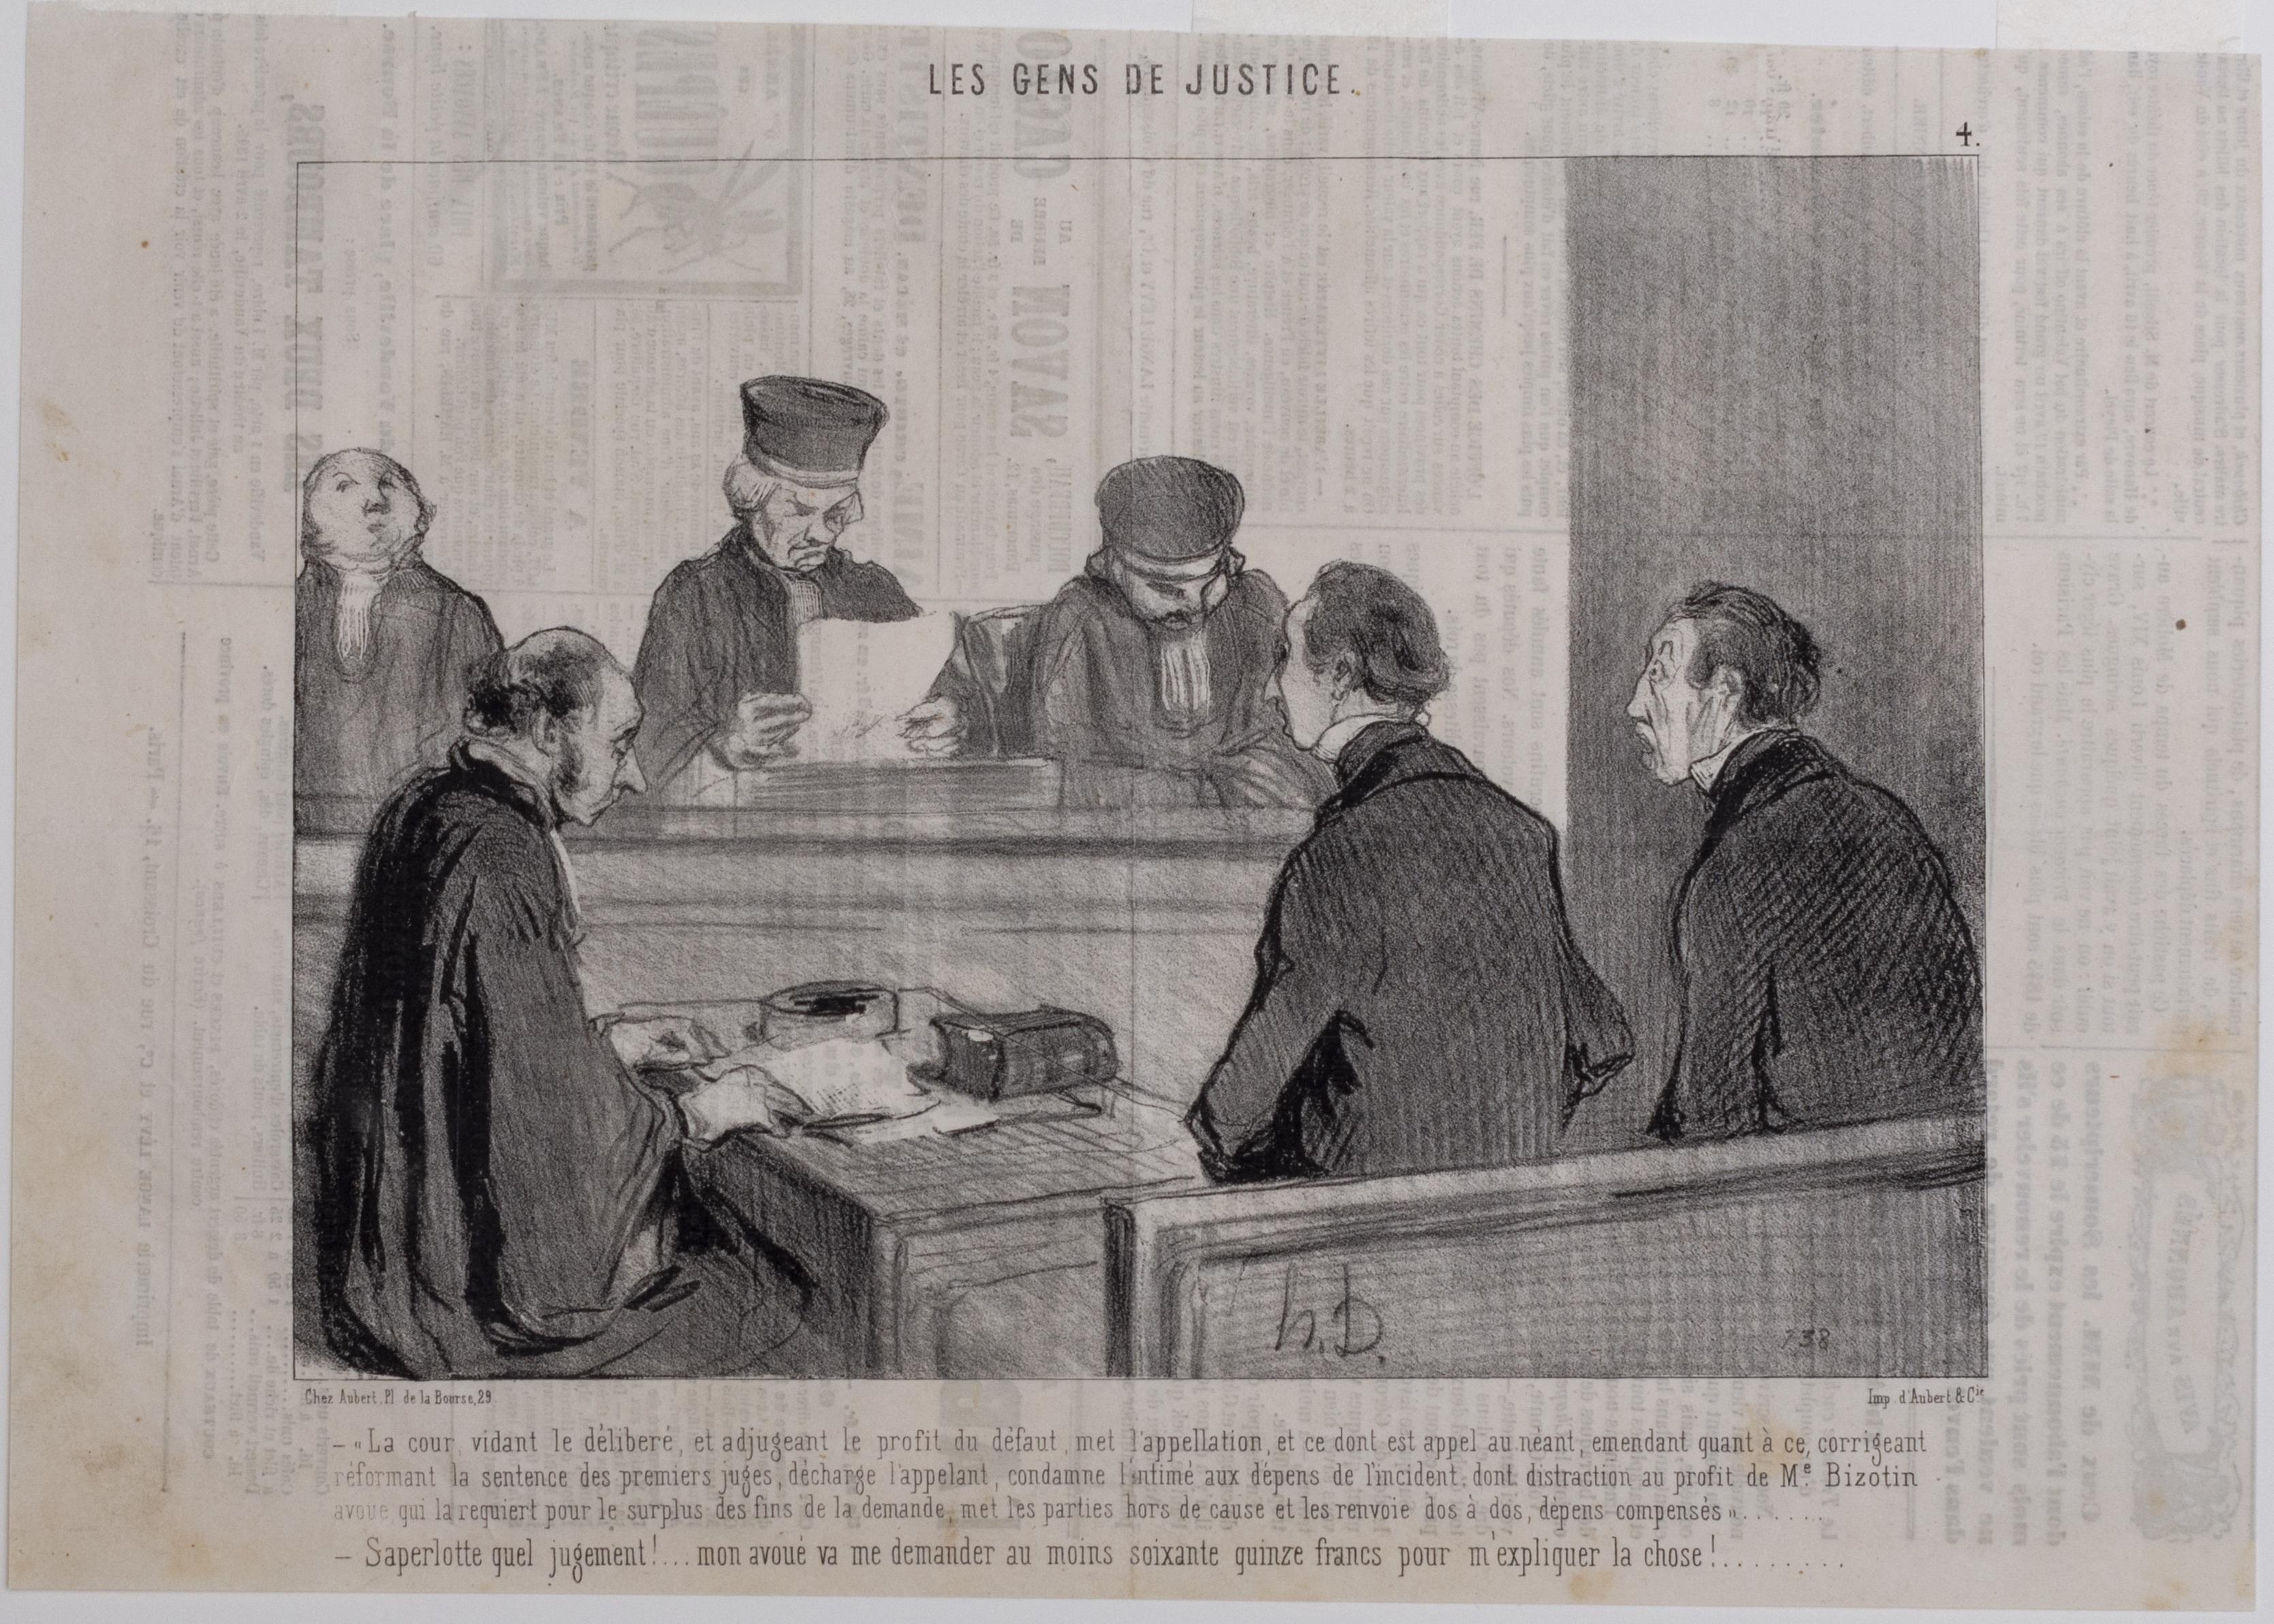 Honoré Daumier, Le cour vidant le délibéré, 1845.